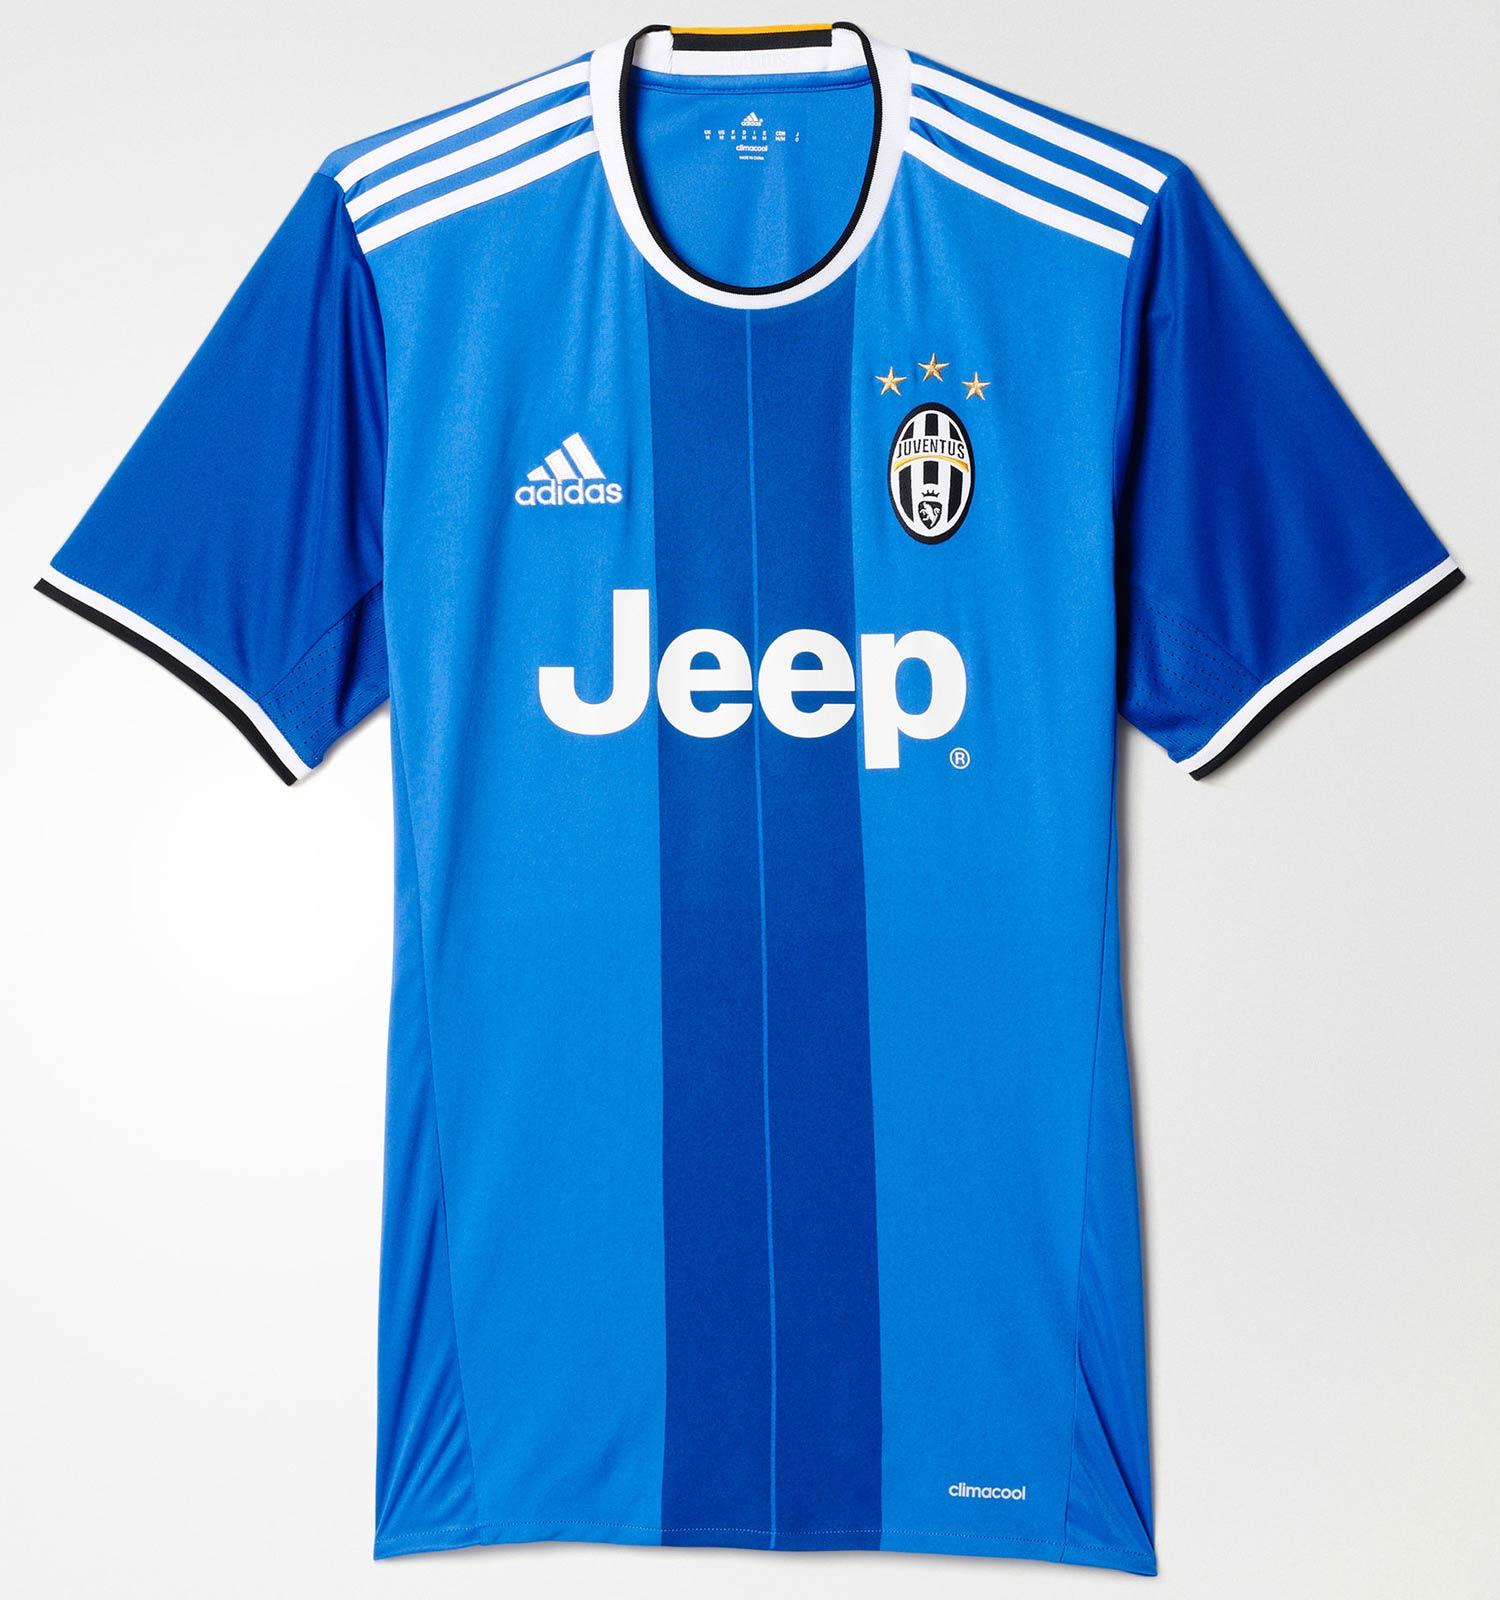 Maillot Juventus extérieur 2016 - 2017 adidas